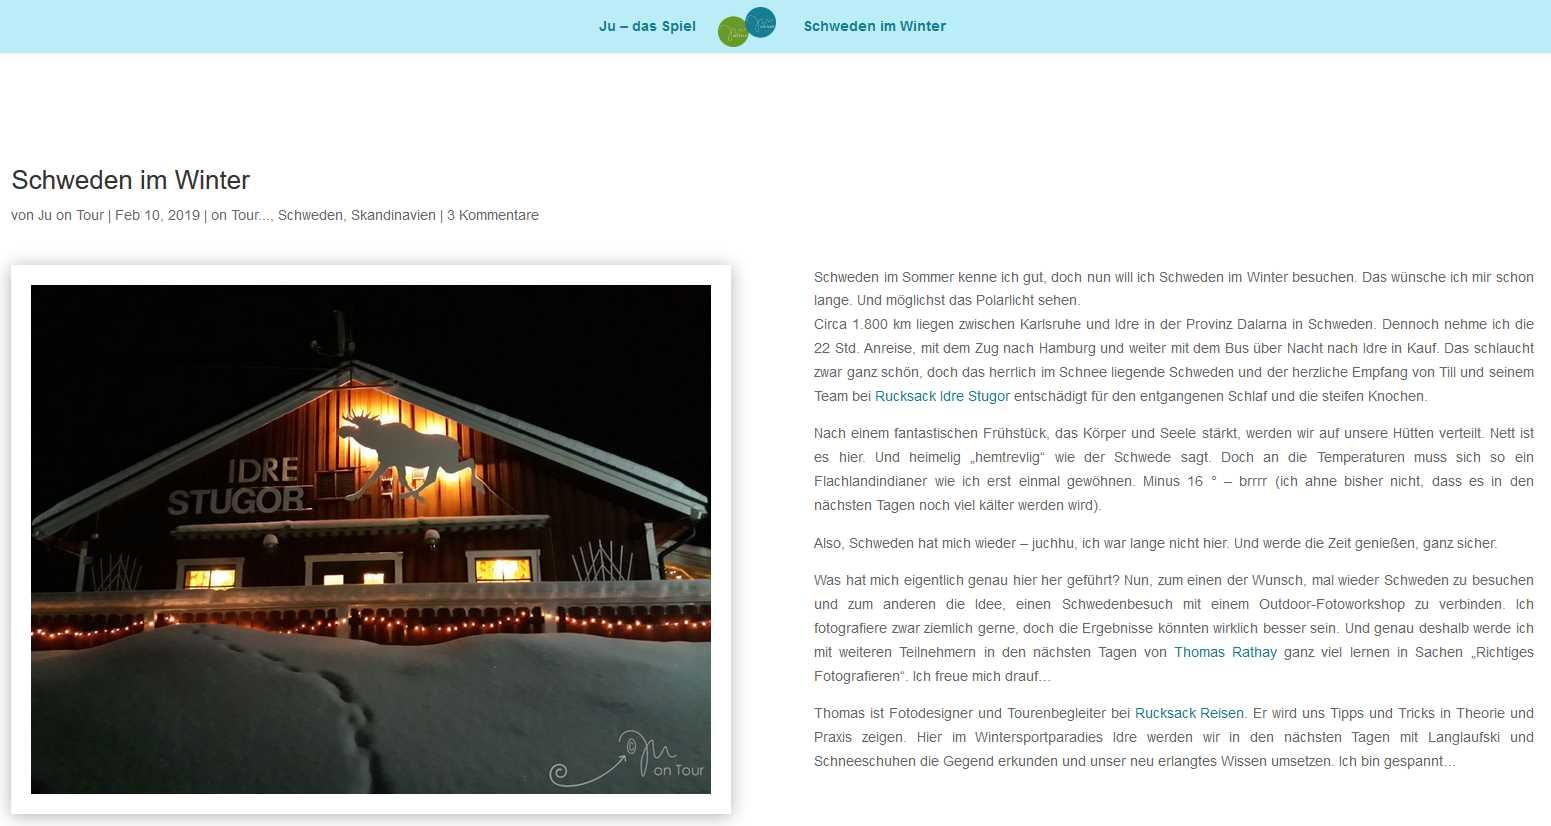 Bericht über den Winterfotokurs mit Thomas Rathay